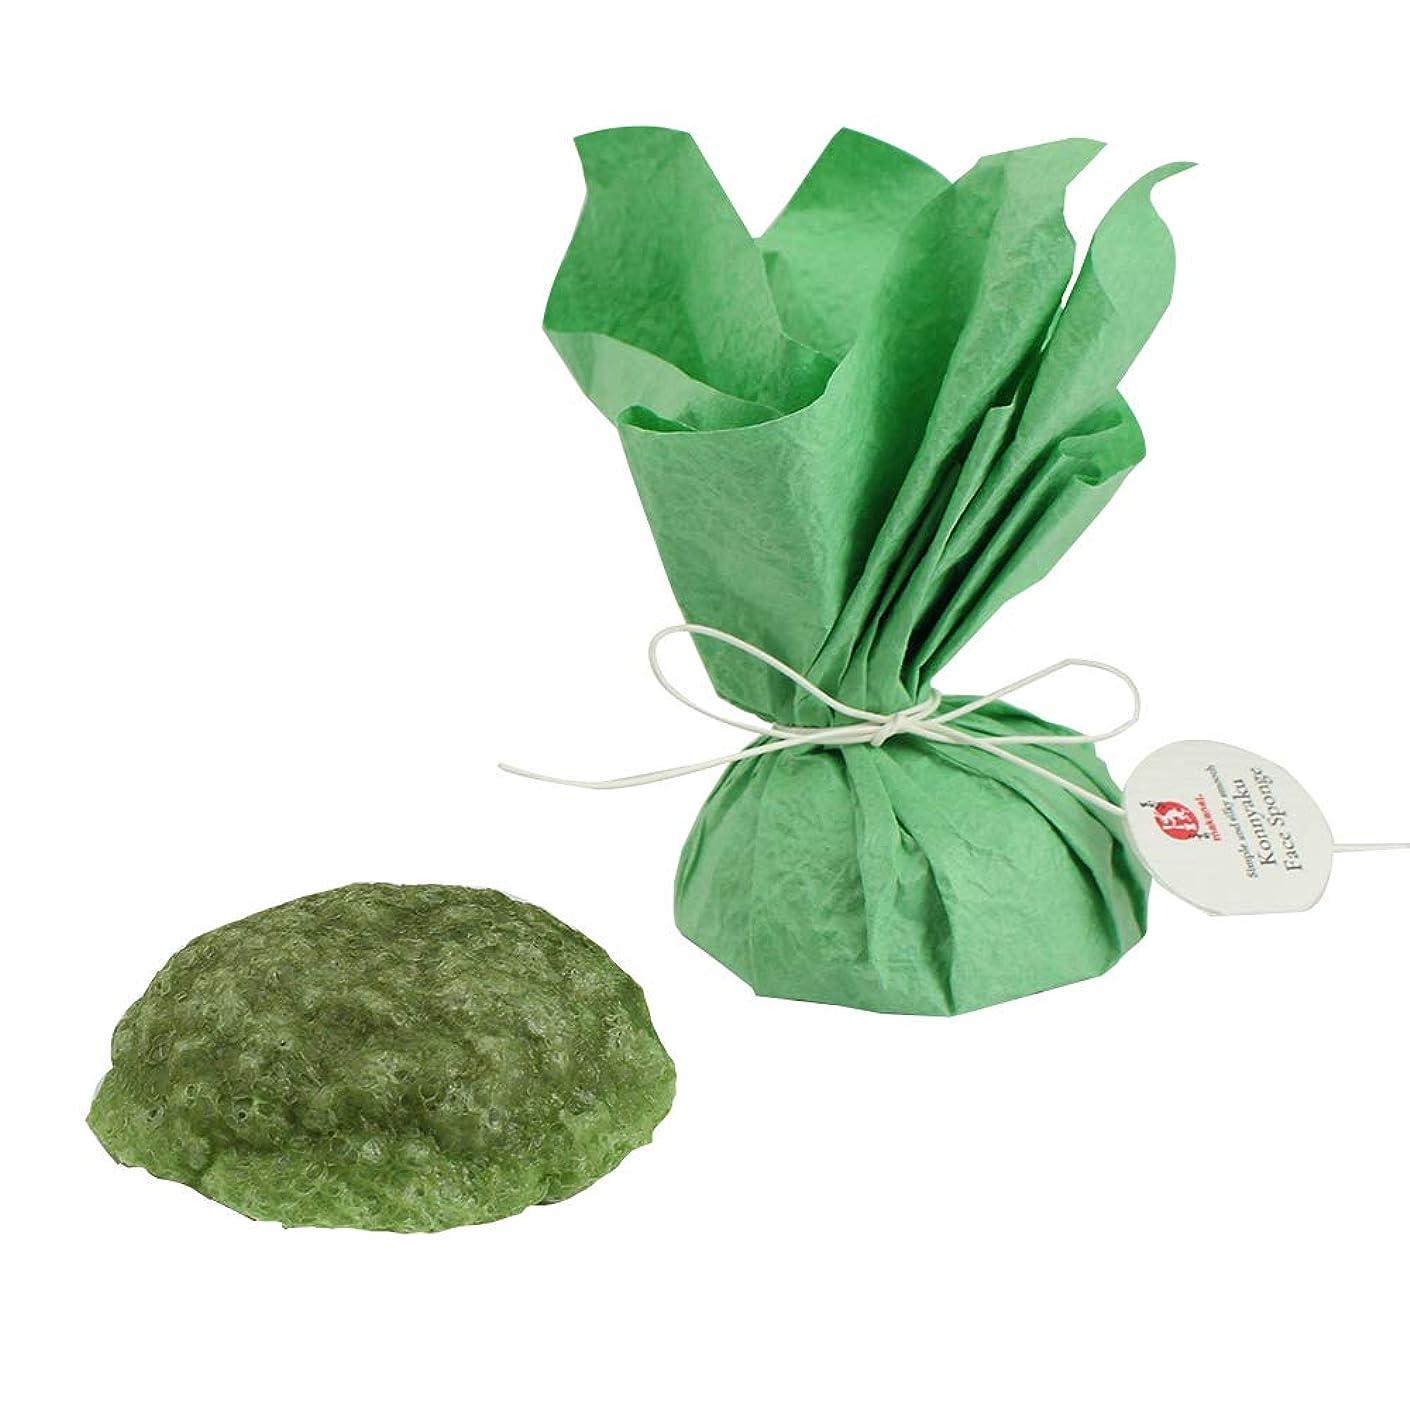 冊子非公式ライオネルグリーンストリートまかないこすめ 凍りこんにゃくスポンジ(緑茶/緑)